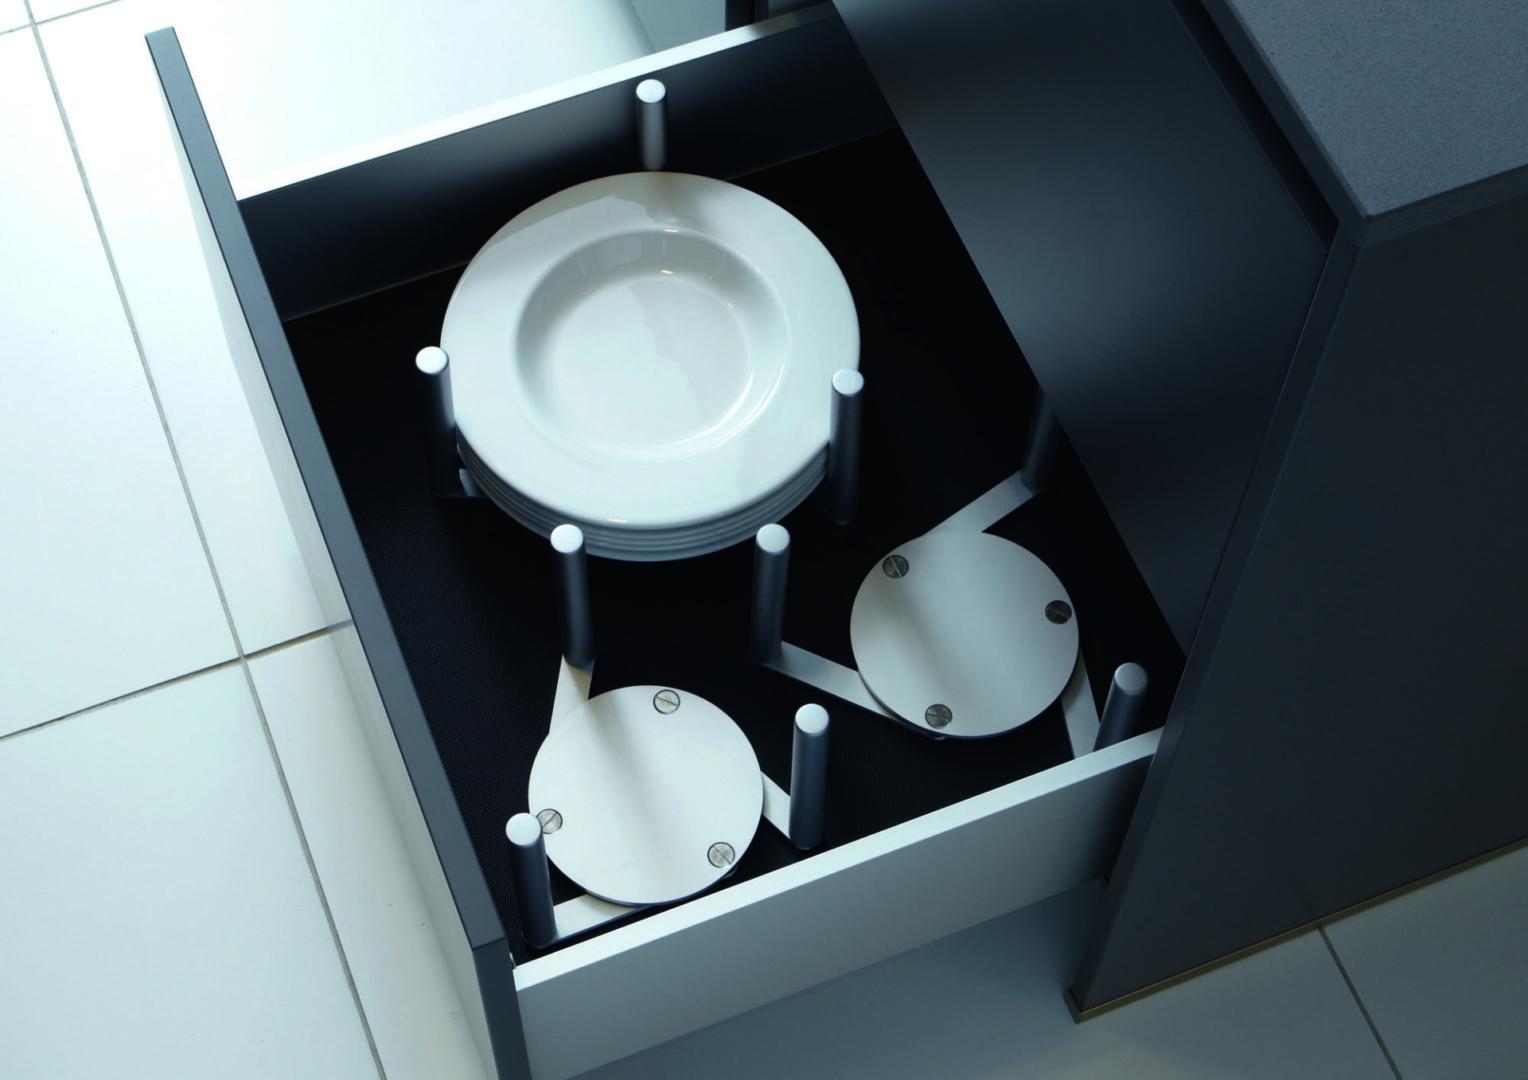 proTech Titan 31157 scaled - Küchenzubehör